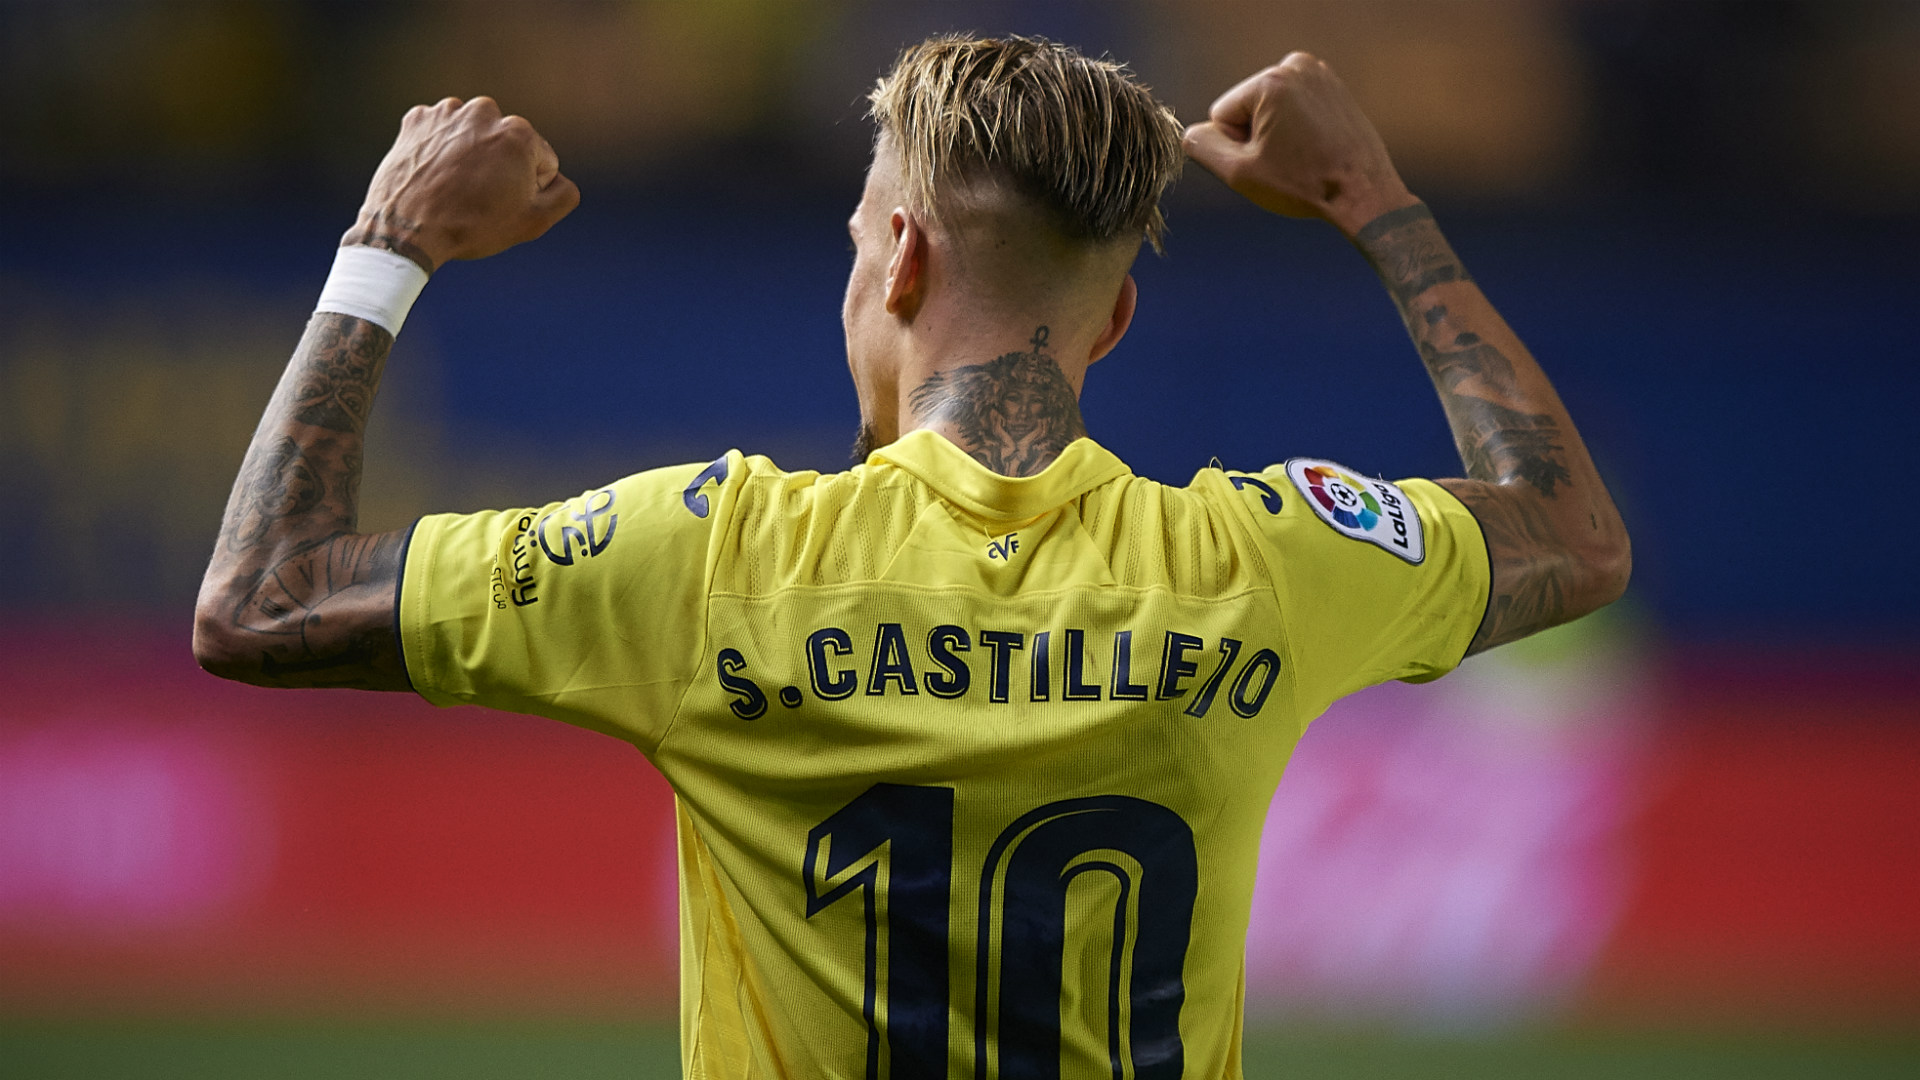 Calciomercato Milan, accordo per Castillejo